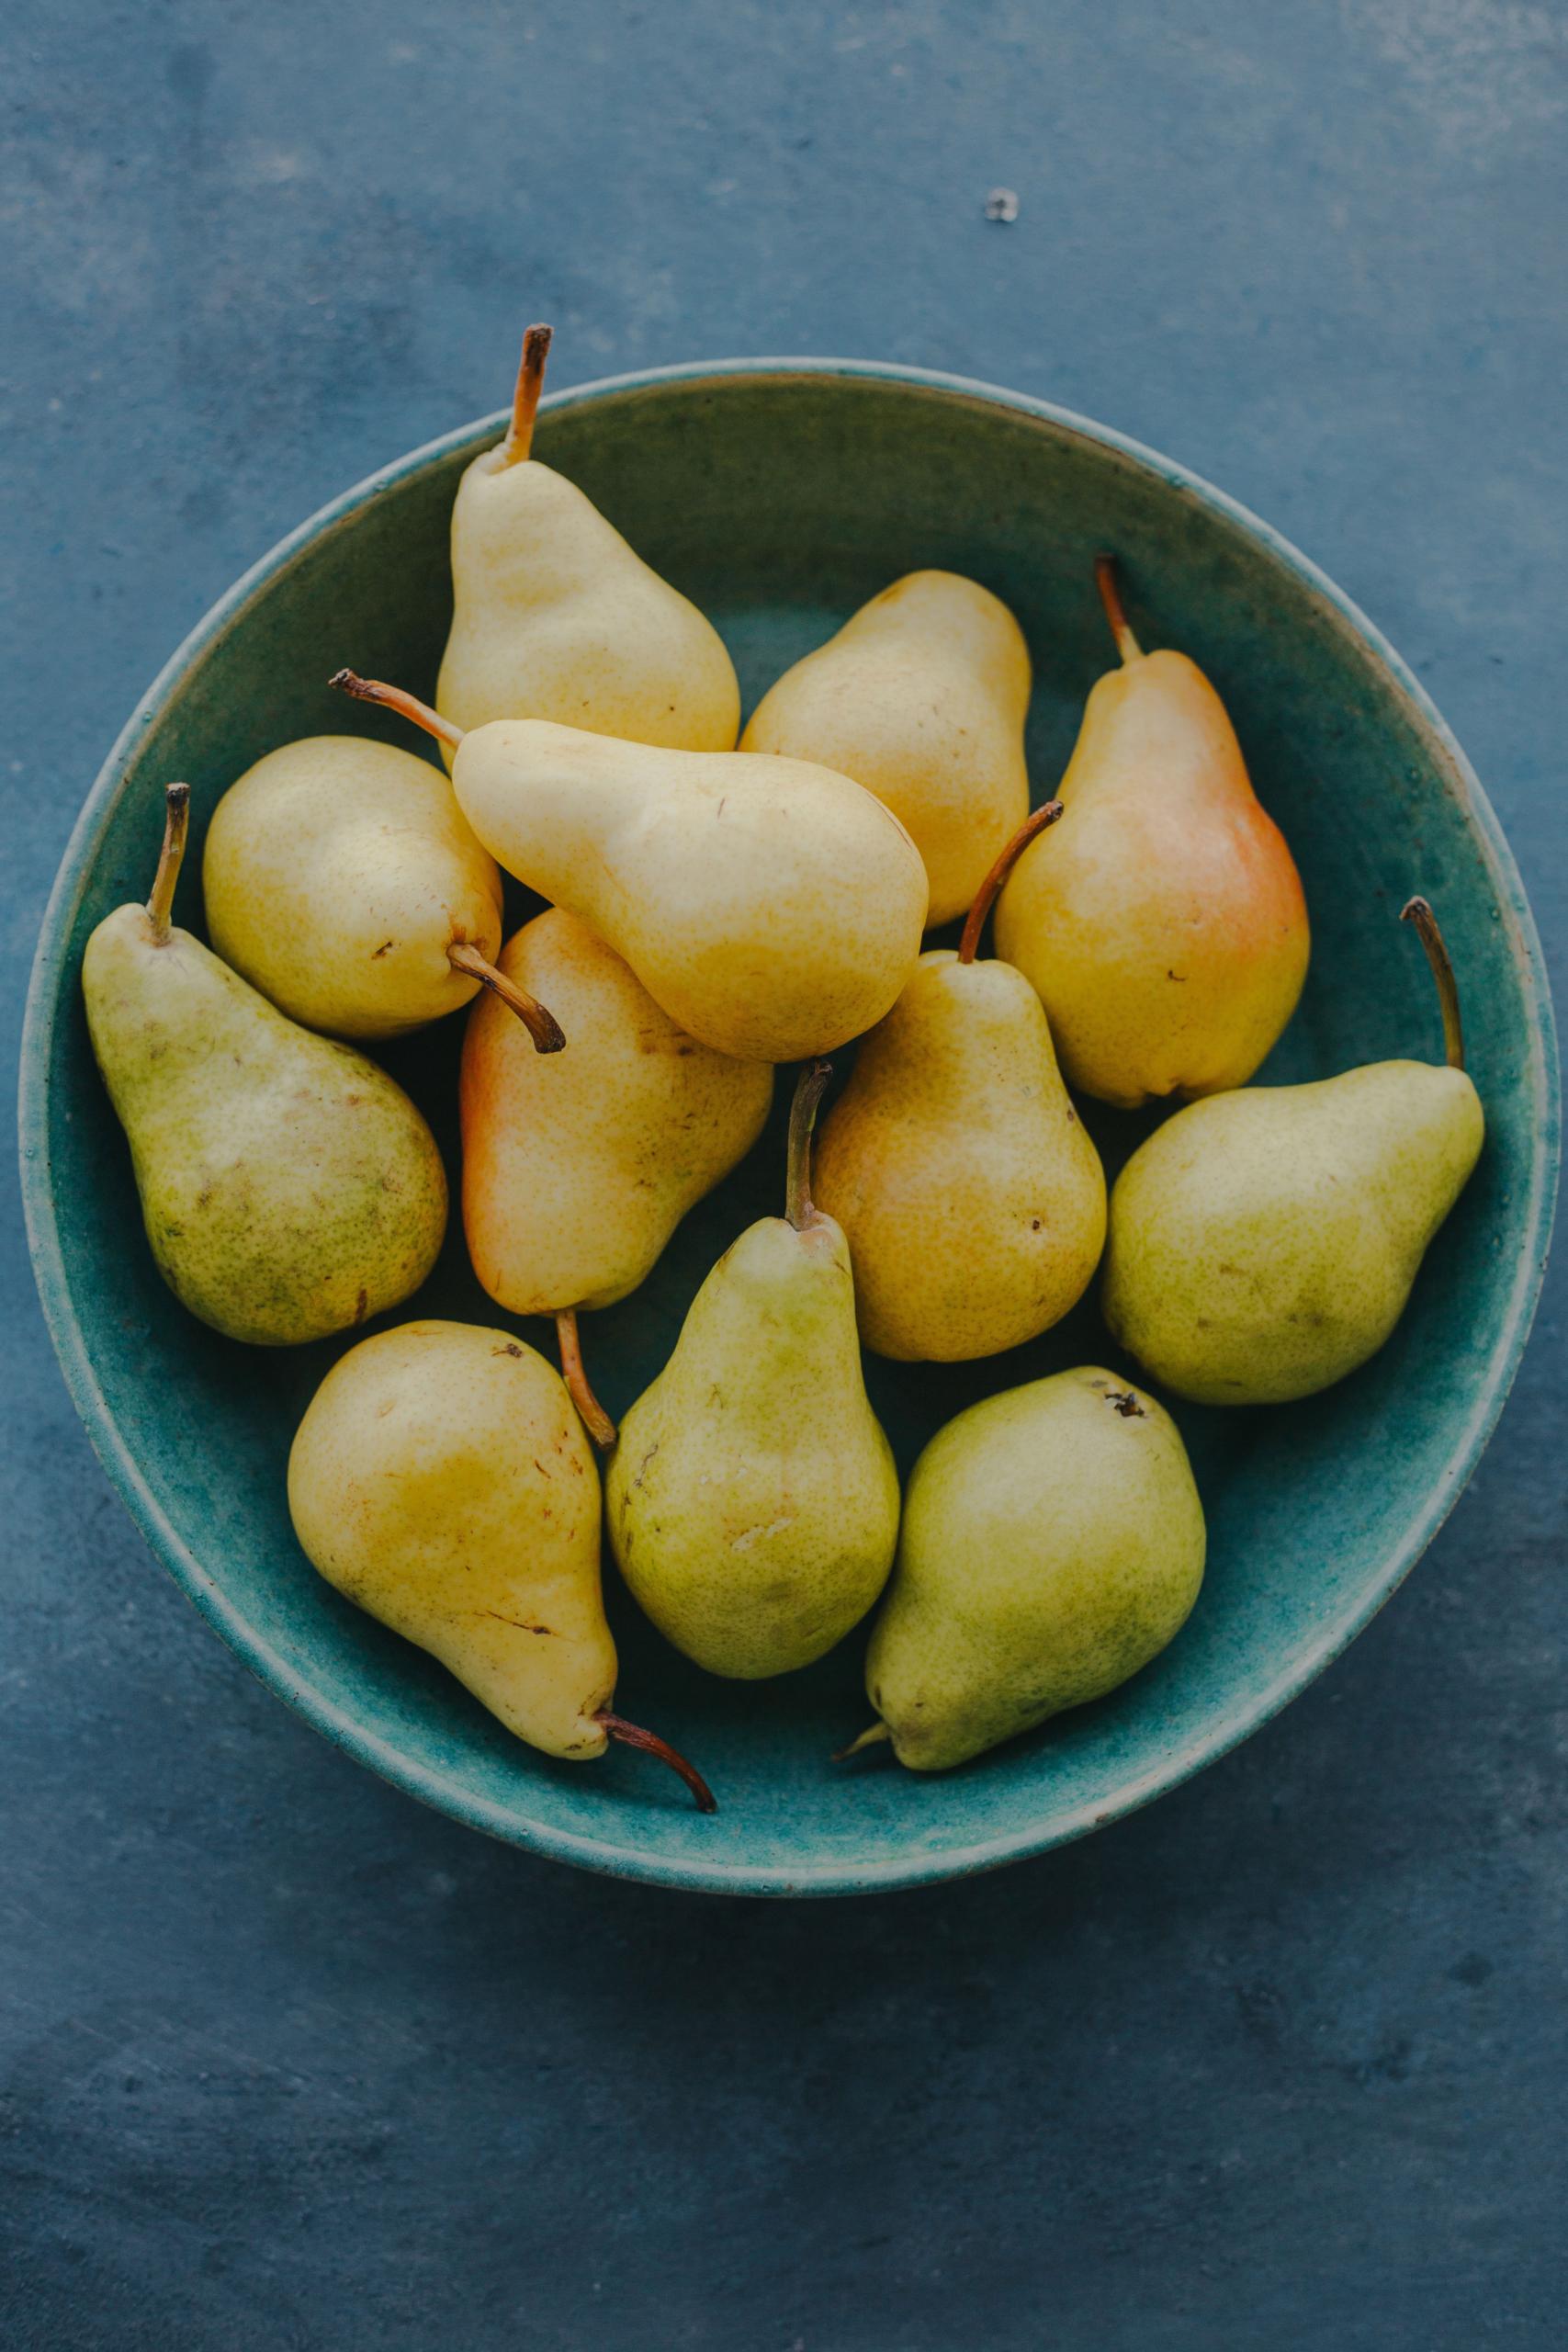 4 gute Gründe, Bio-Äpfel und Bio-Birnen zu vergleichen